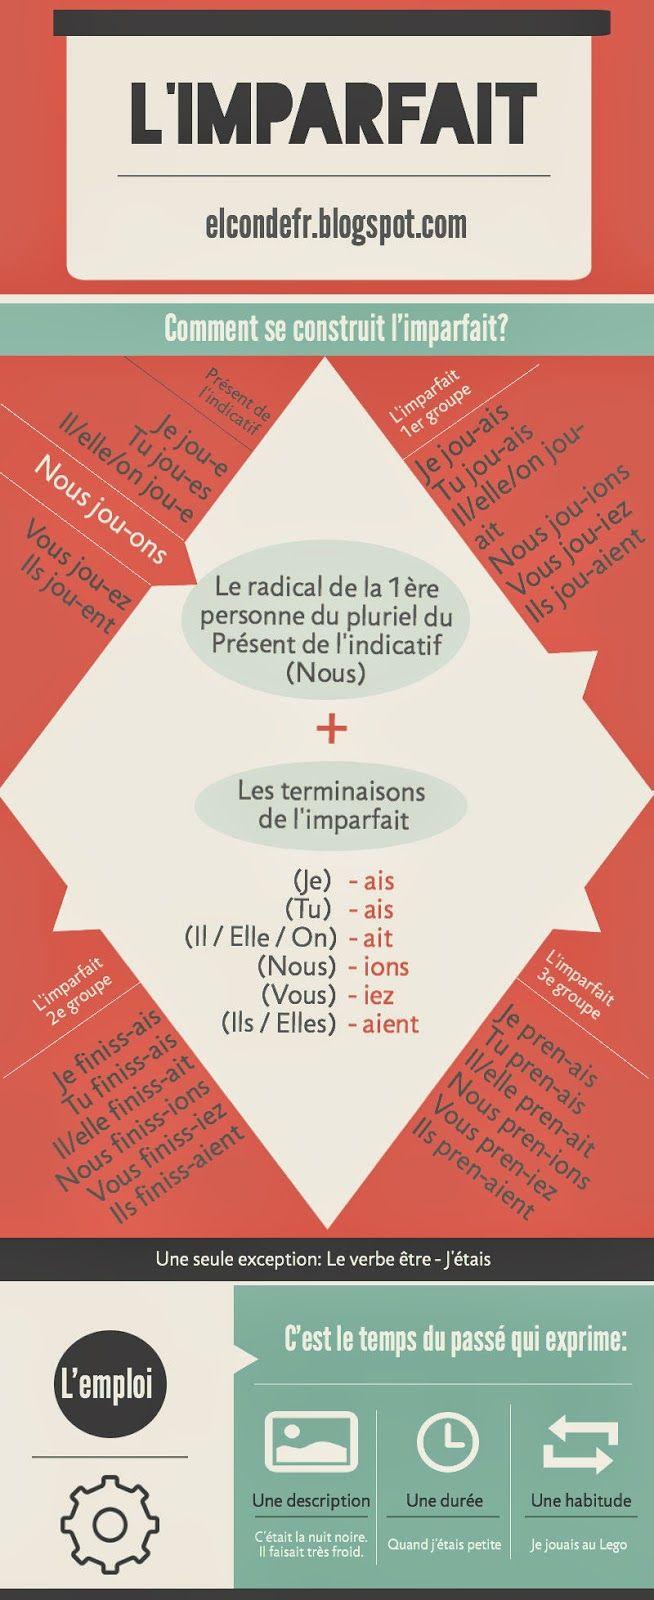 El Conde. fr: Formation et emploi de l'imparfait: